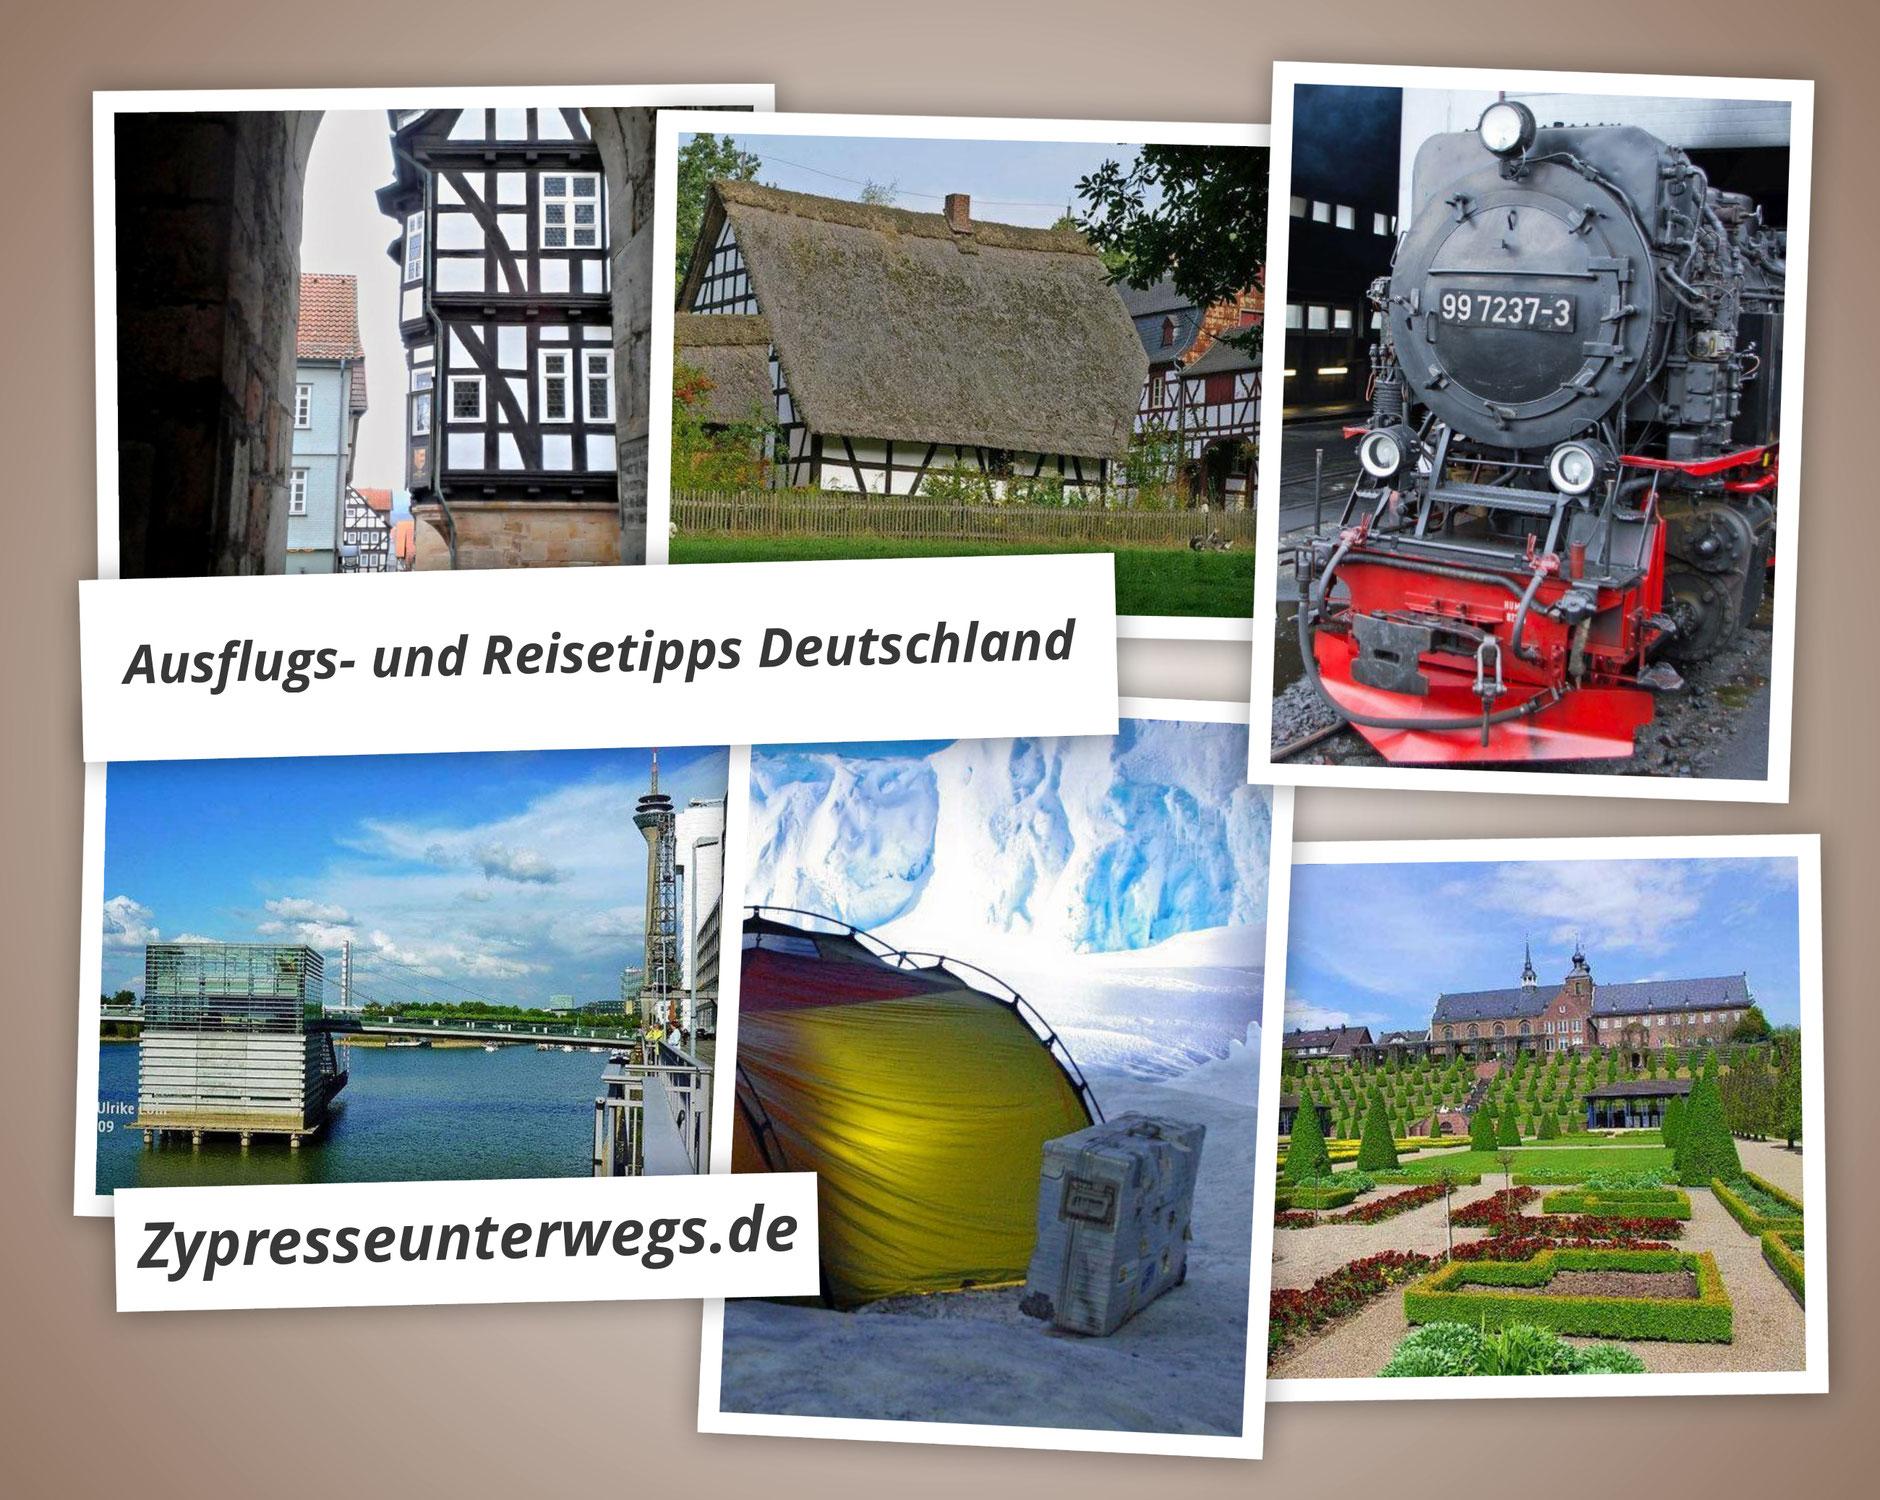 Nochmals 11 Ausflugs- und Reisetipps in Deutschland